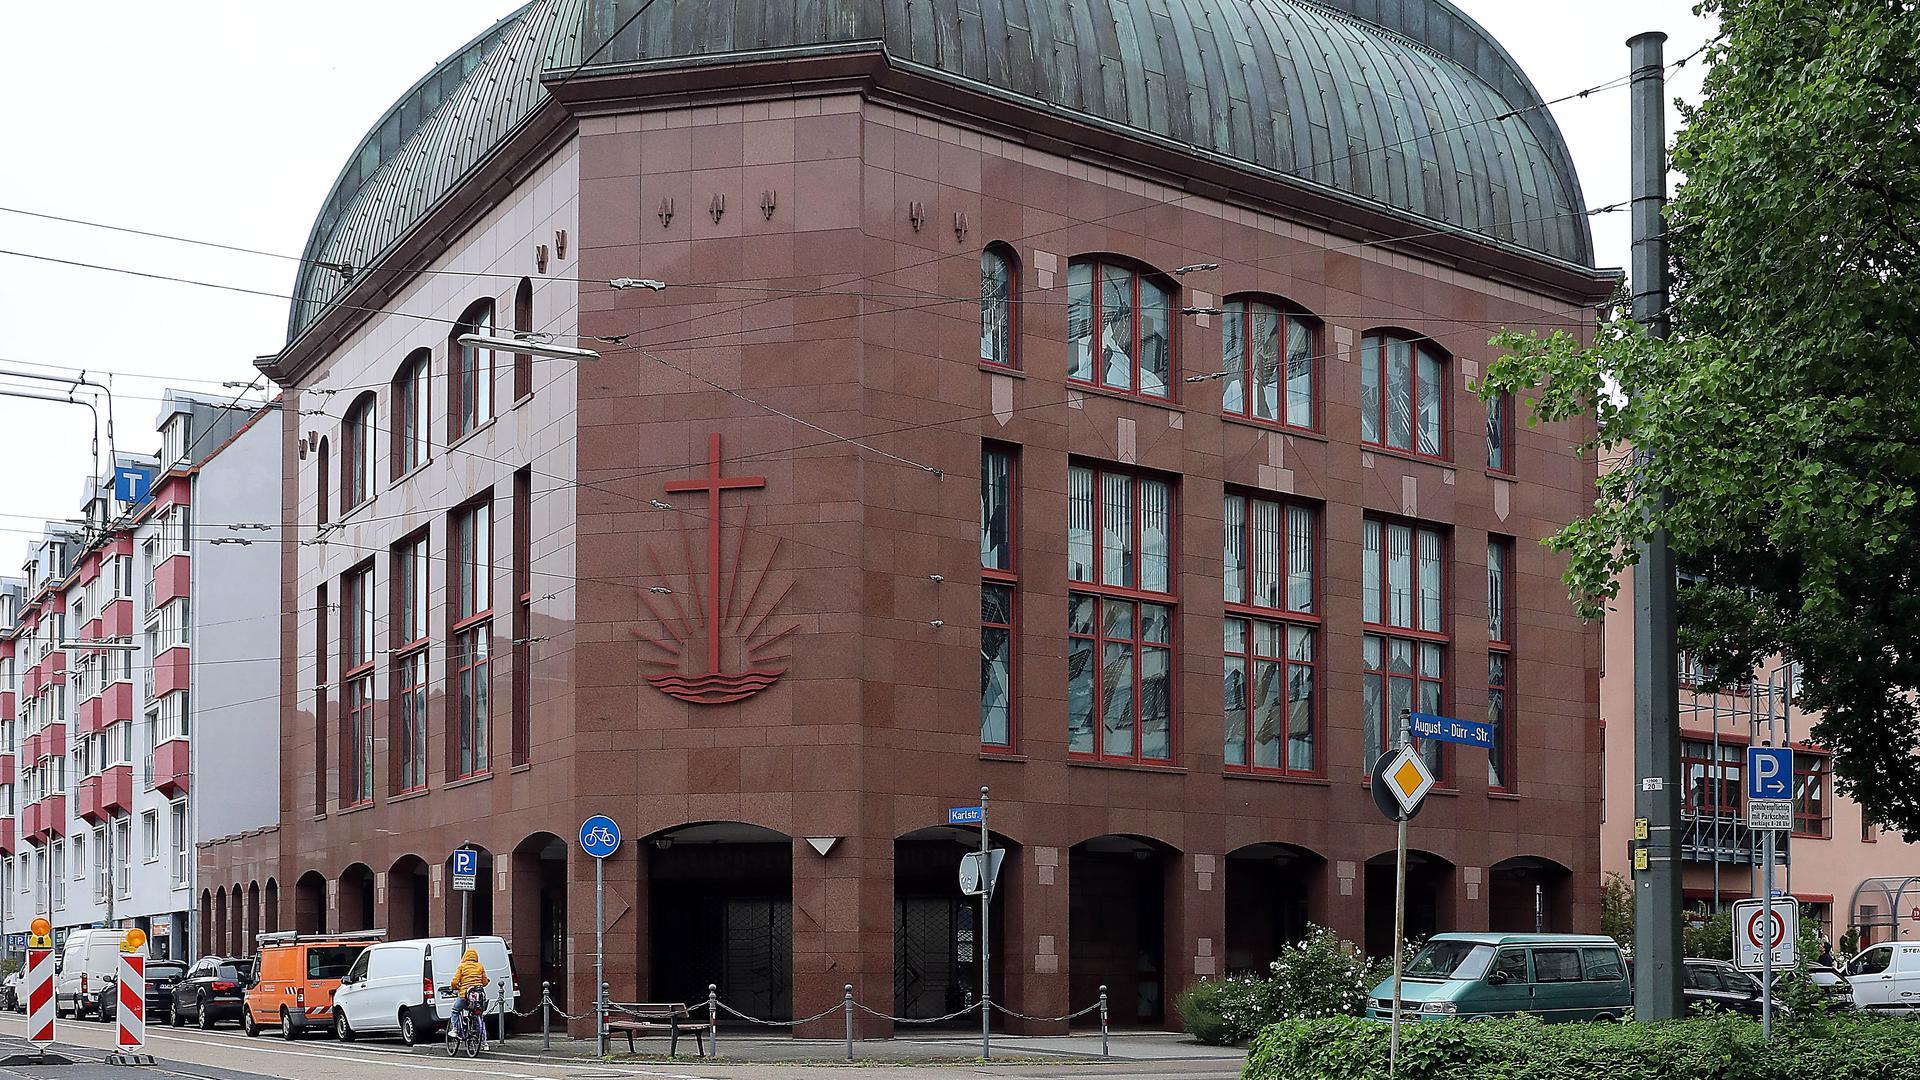 Jubiläum: Die Neuapostolische Kirche - hier das Gotteshaus in der Karlstraße - begeht ihr hundertjähriges Bestehen.